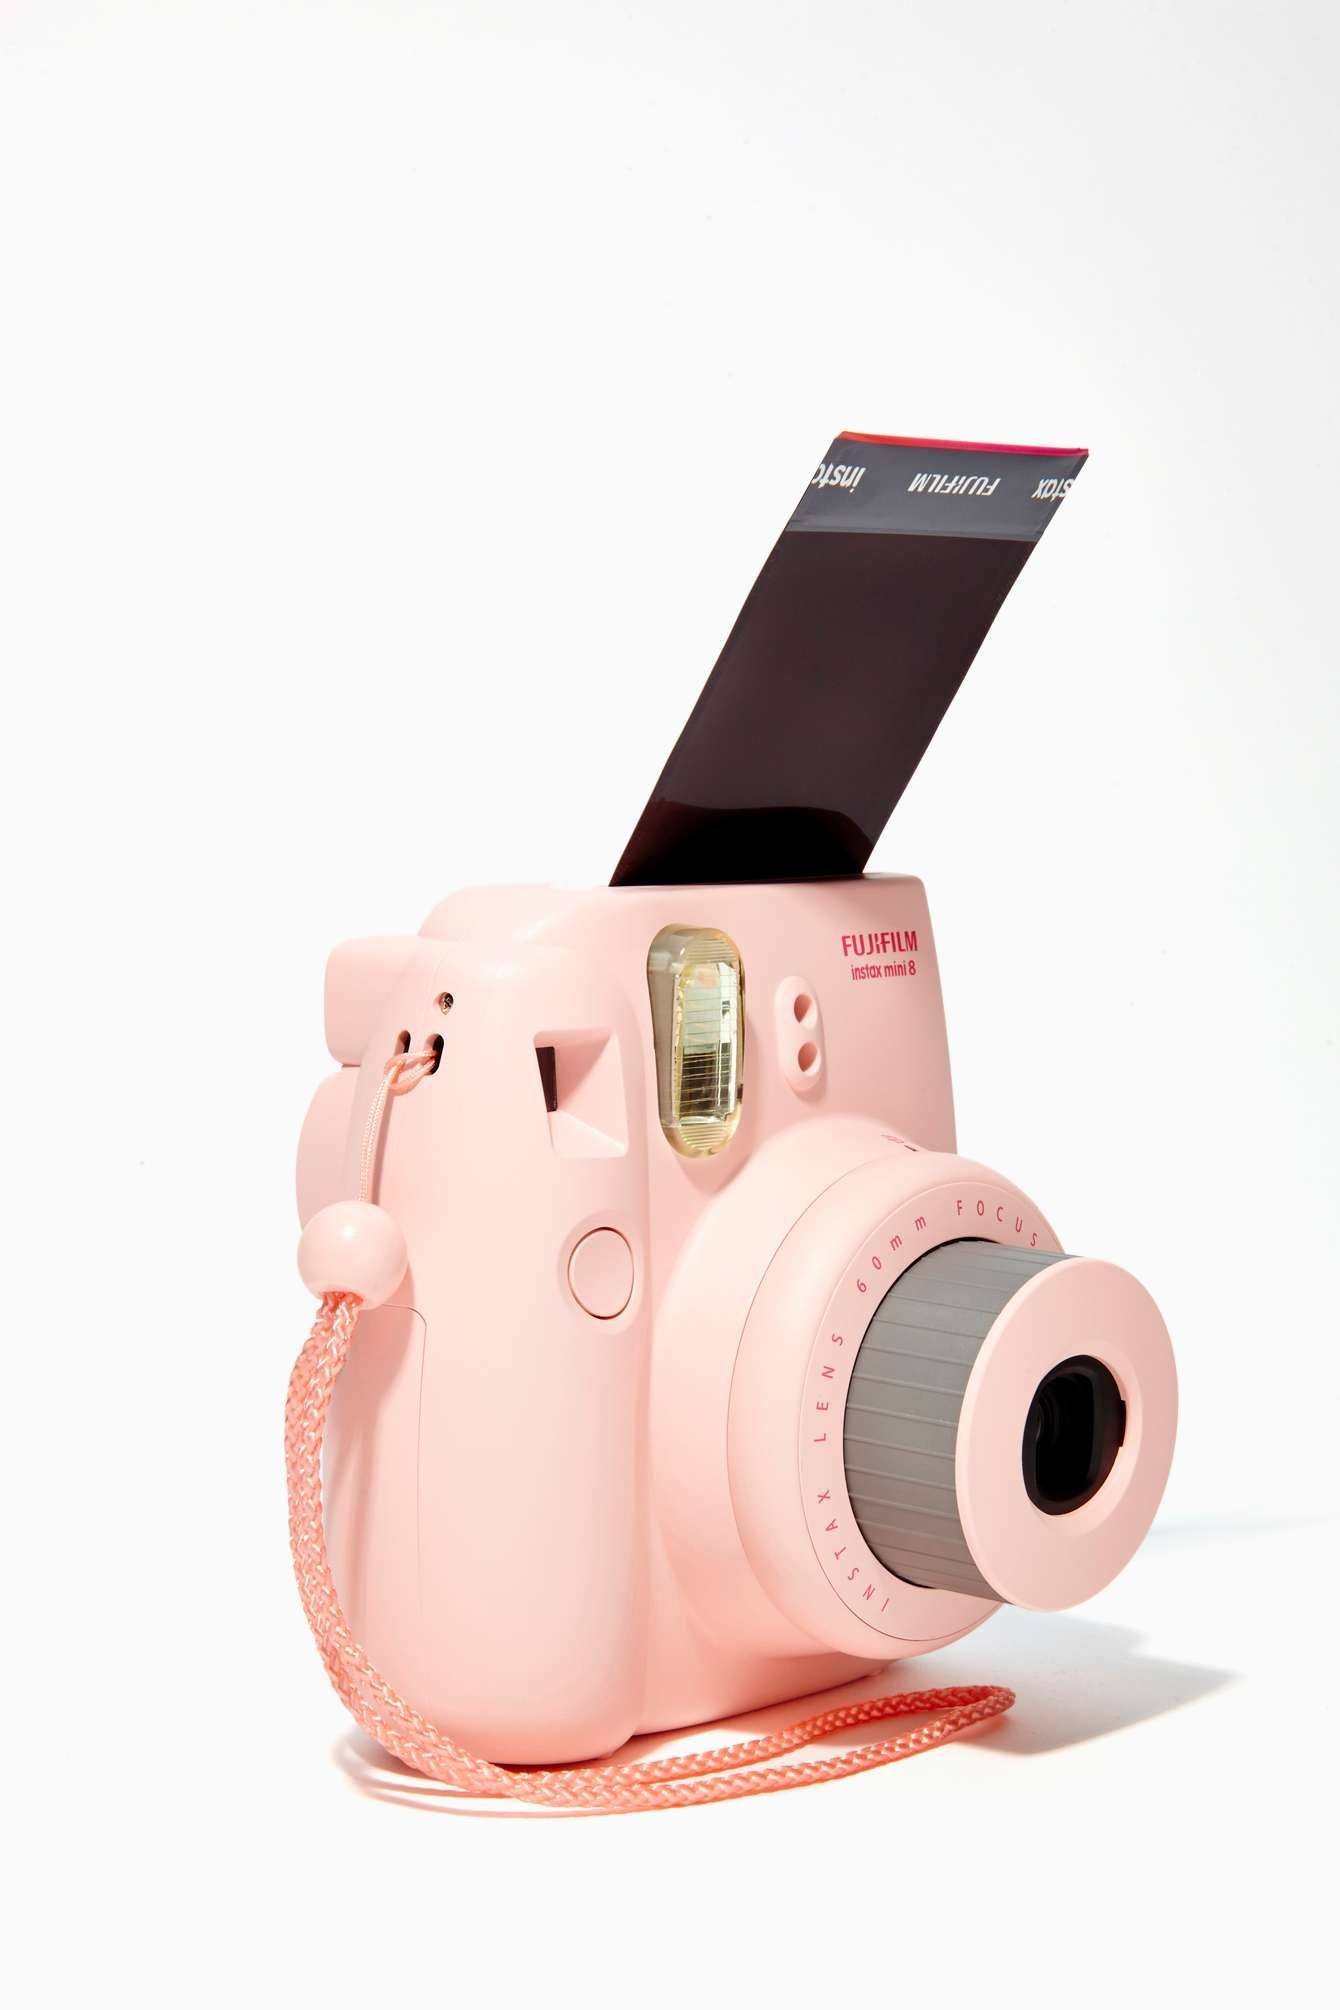 Fujifilm Instax Mini 8 Instant Camera - ☮k☮ #pink